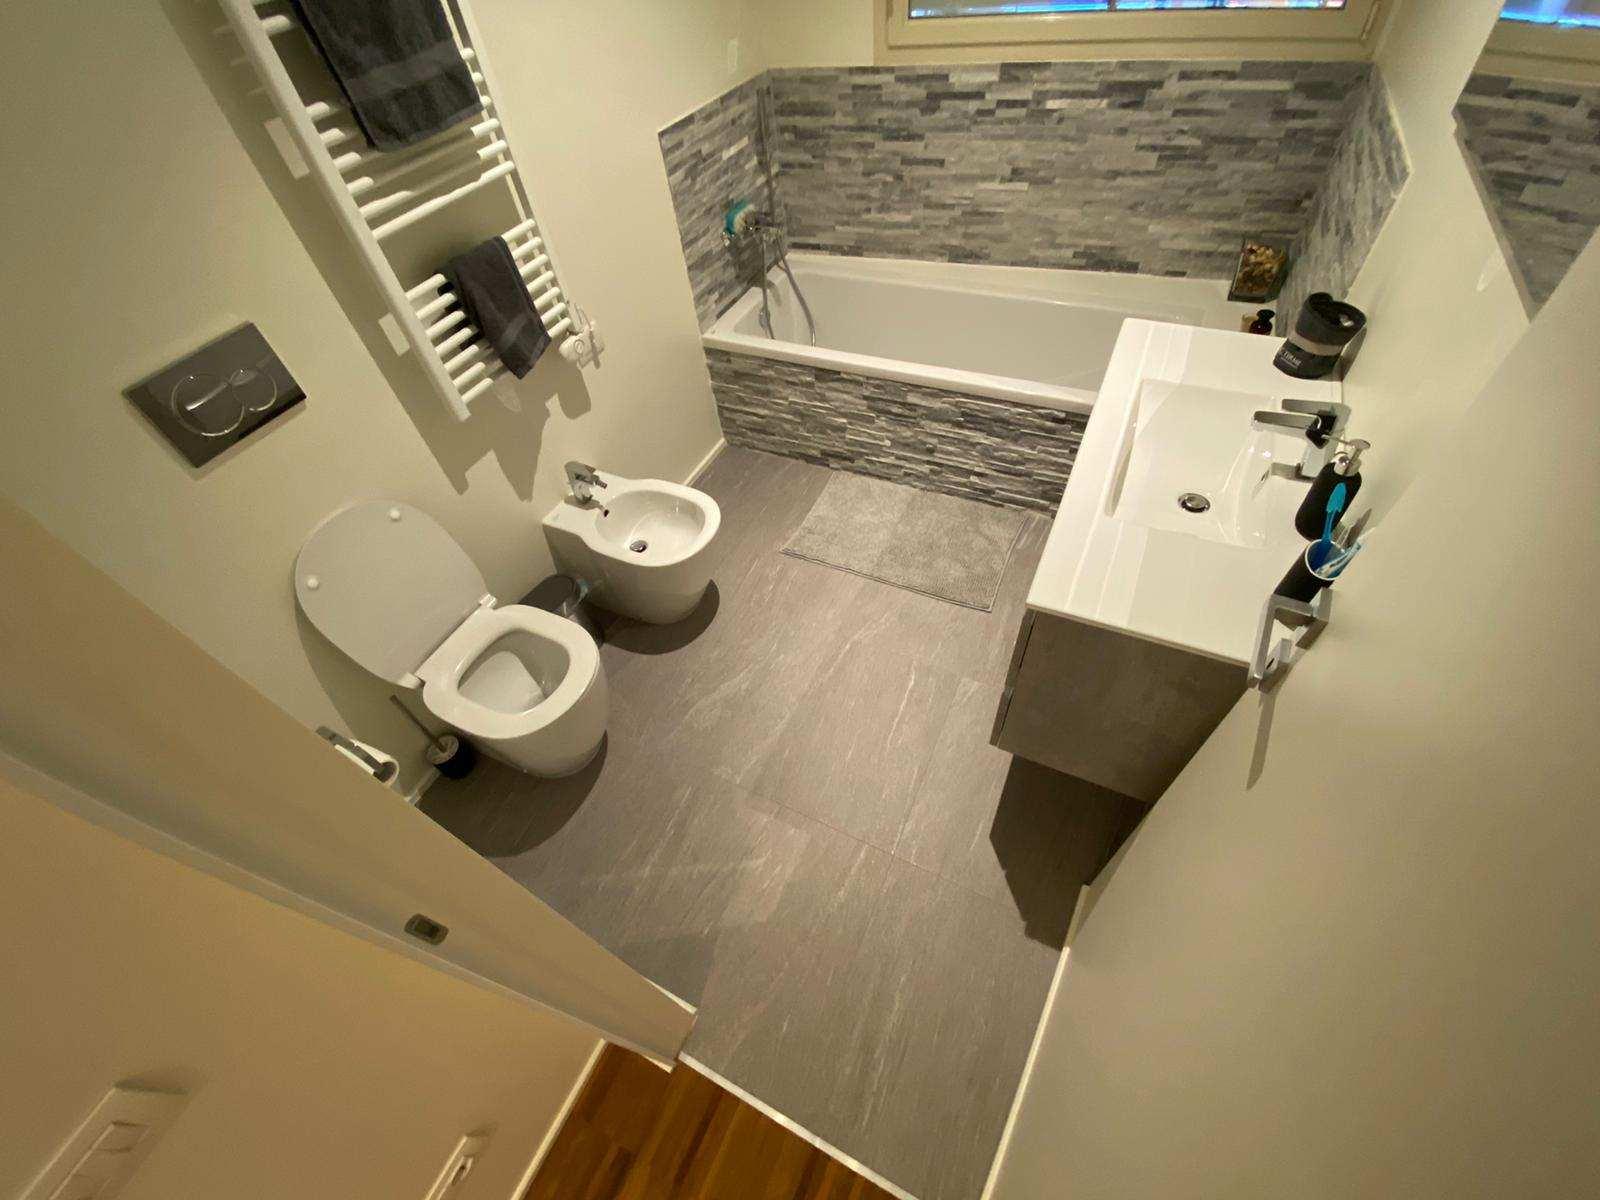 Appartamento-in-vendita-3-tre-locali-terrazzo-giardino-nuova-costruzione-spaziourbano-immobiliare-vende-milano-14